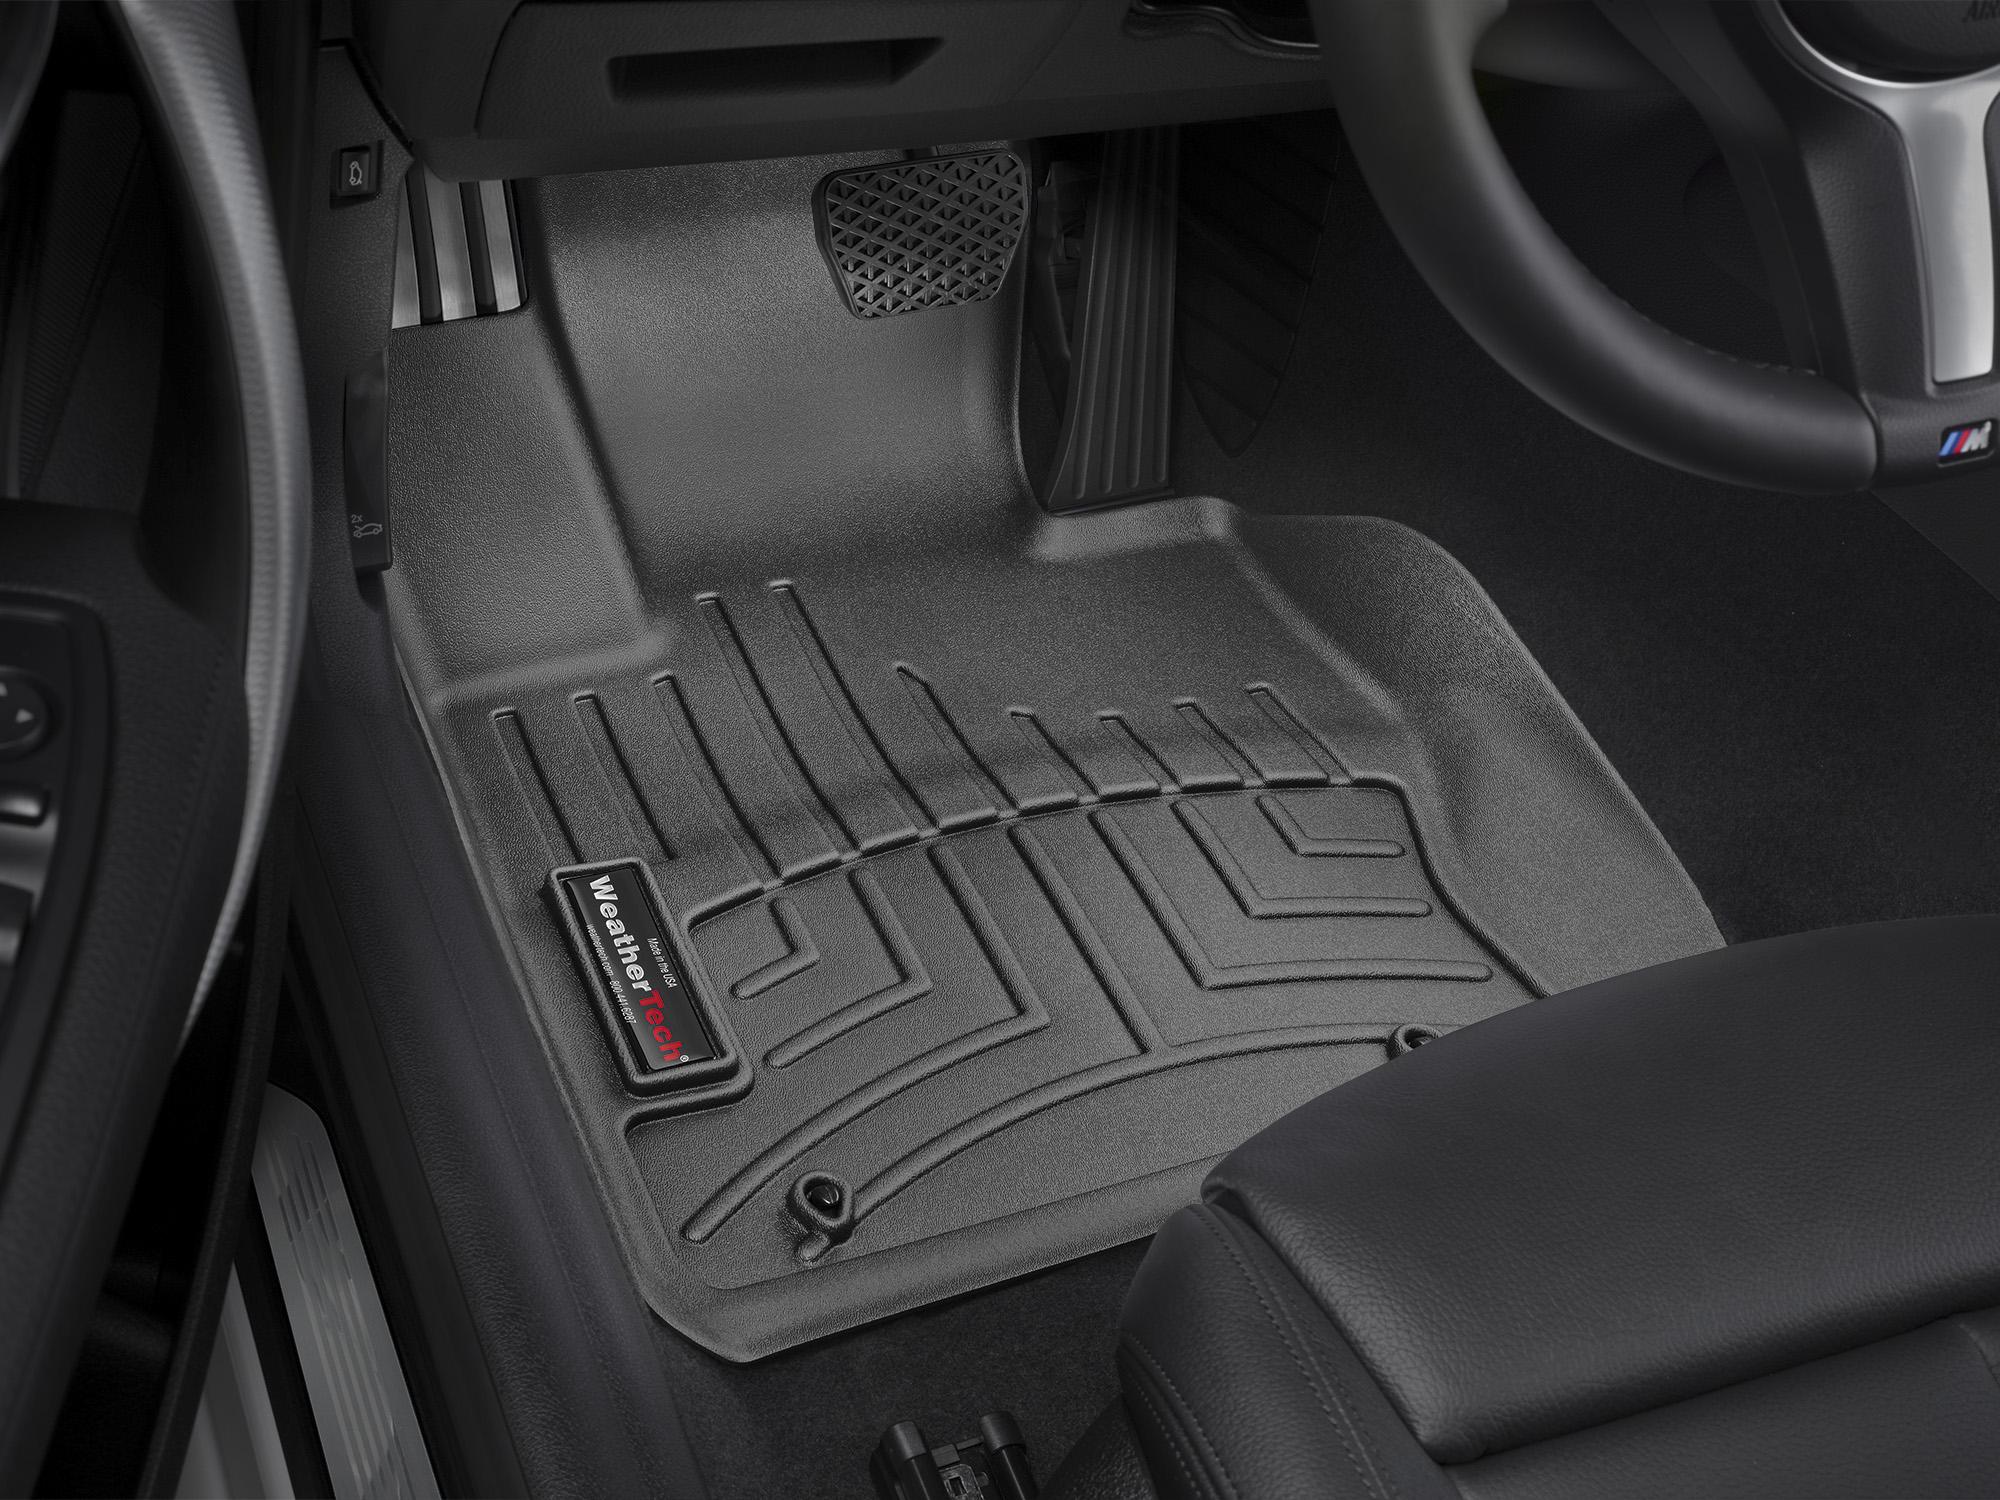 BMW Serie 2 (F22/F23) 14>17 Tappeti gomma su misura bordo alto nero*